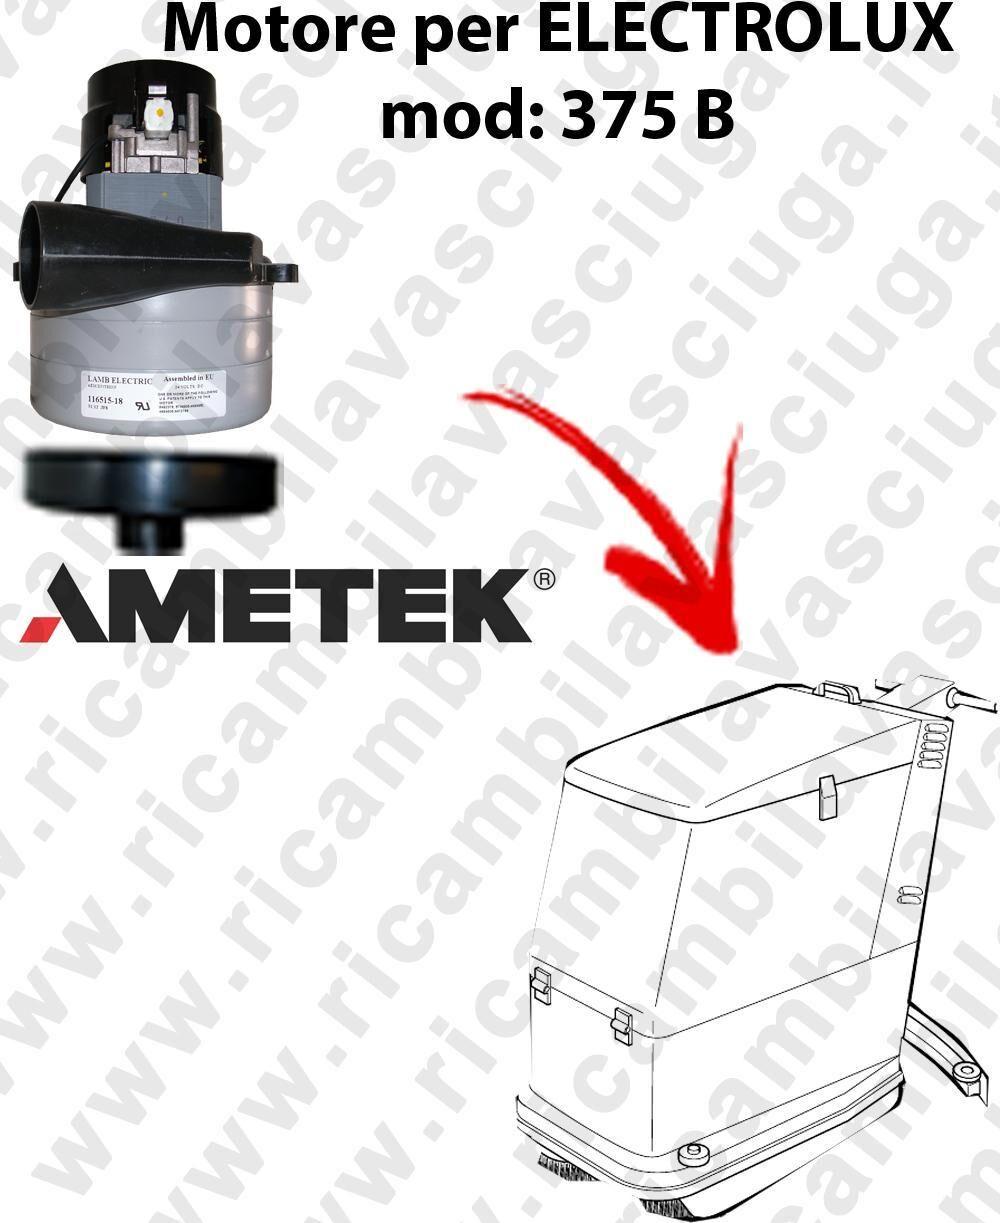 Electrolux 375 B MOTORE aspirazione LAMB AMETEK per lavapavimenti